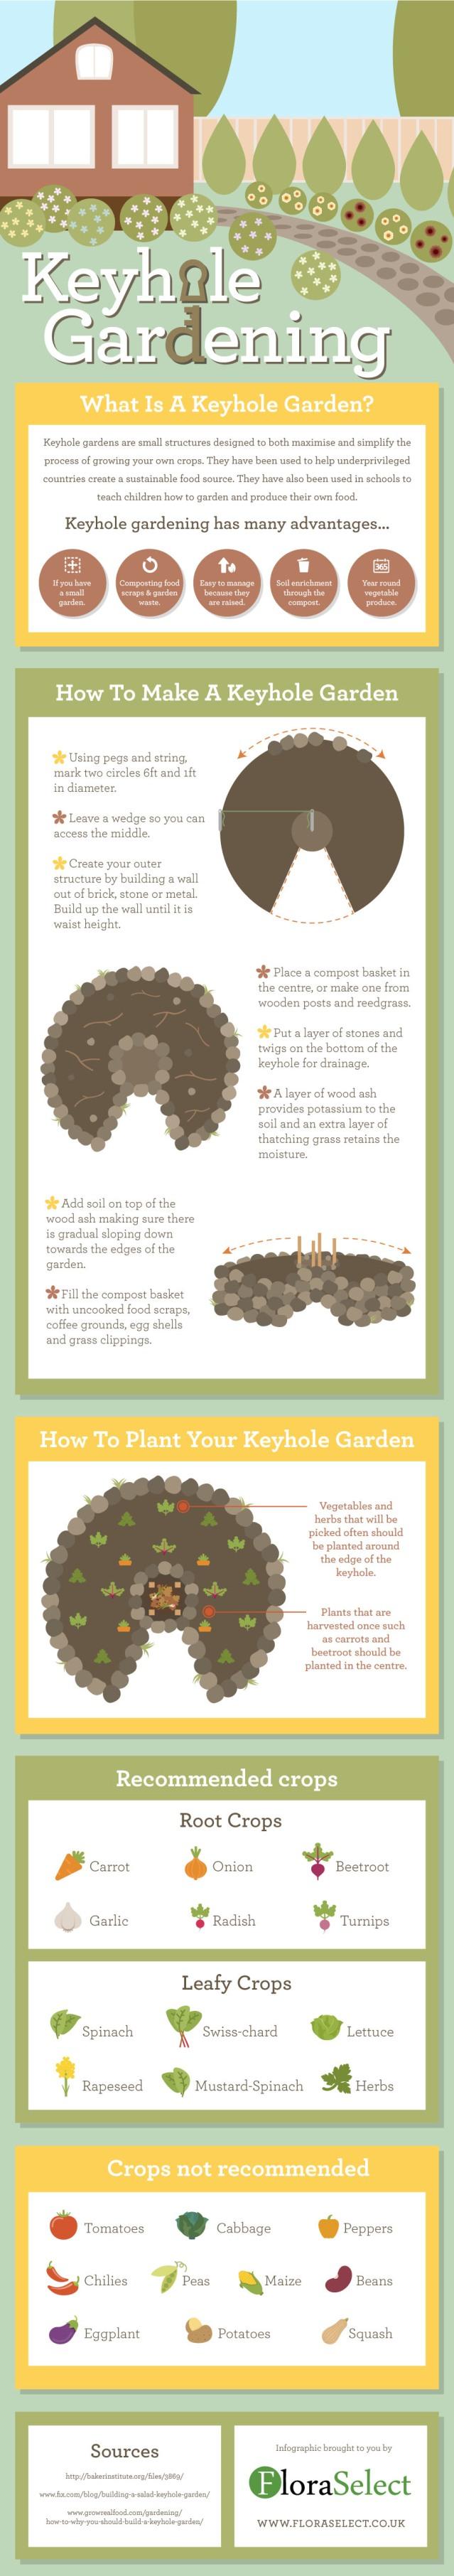 Infographic-Keyhole-Gardening